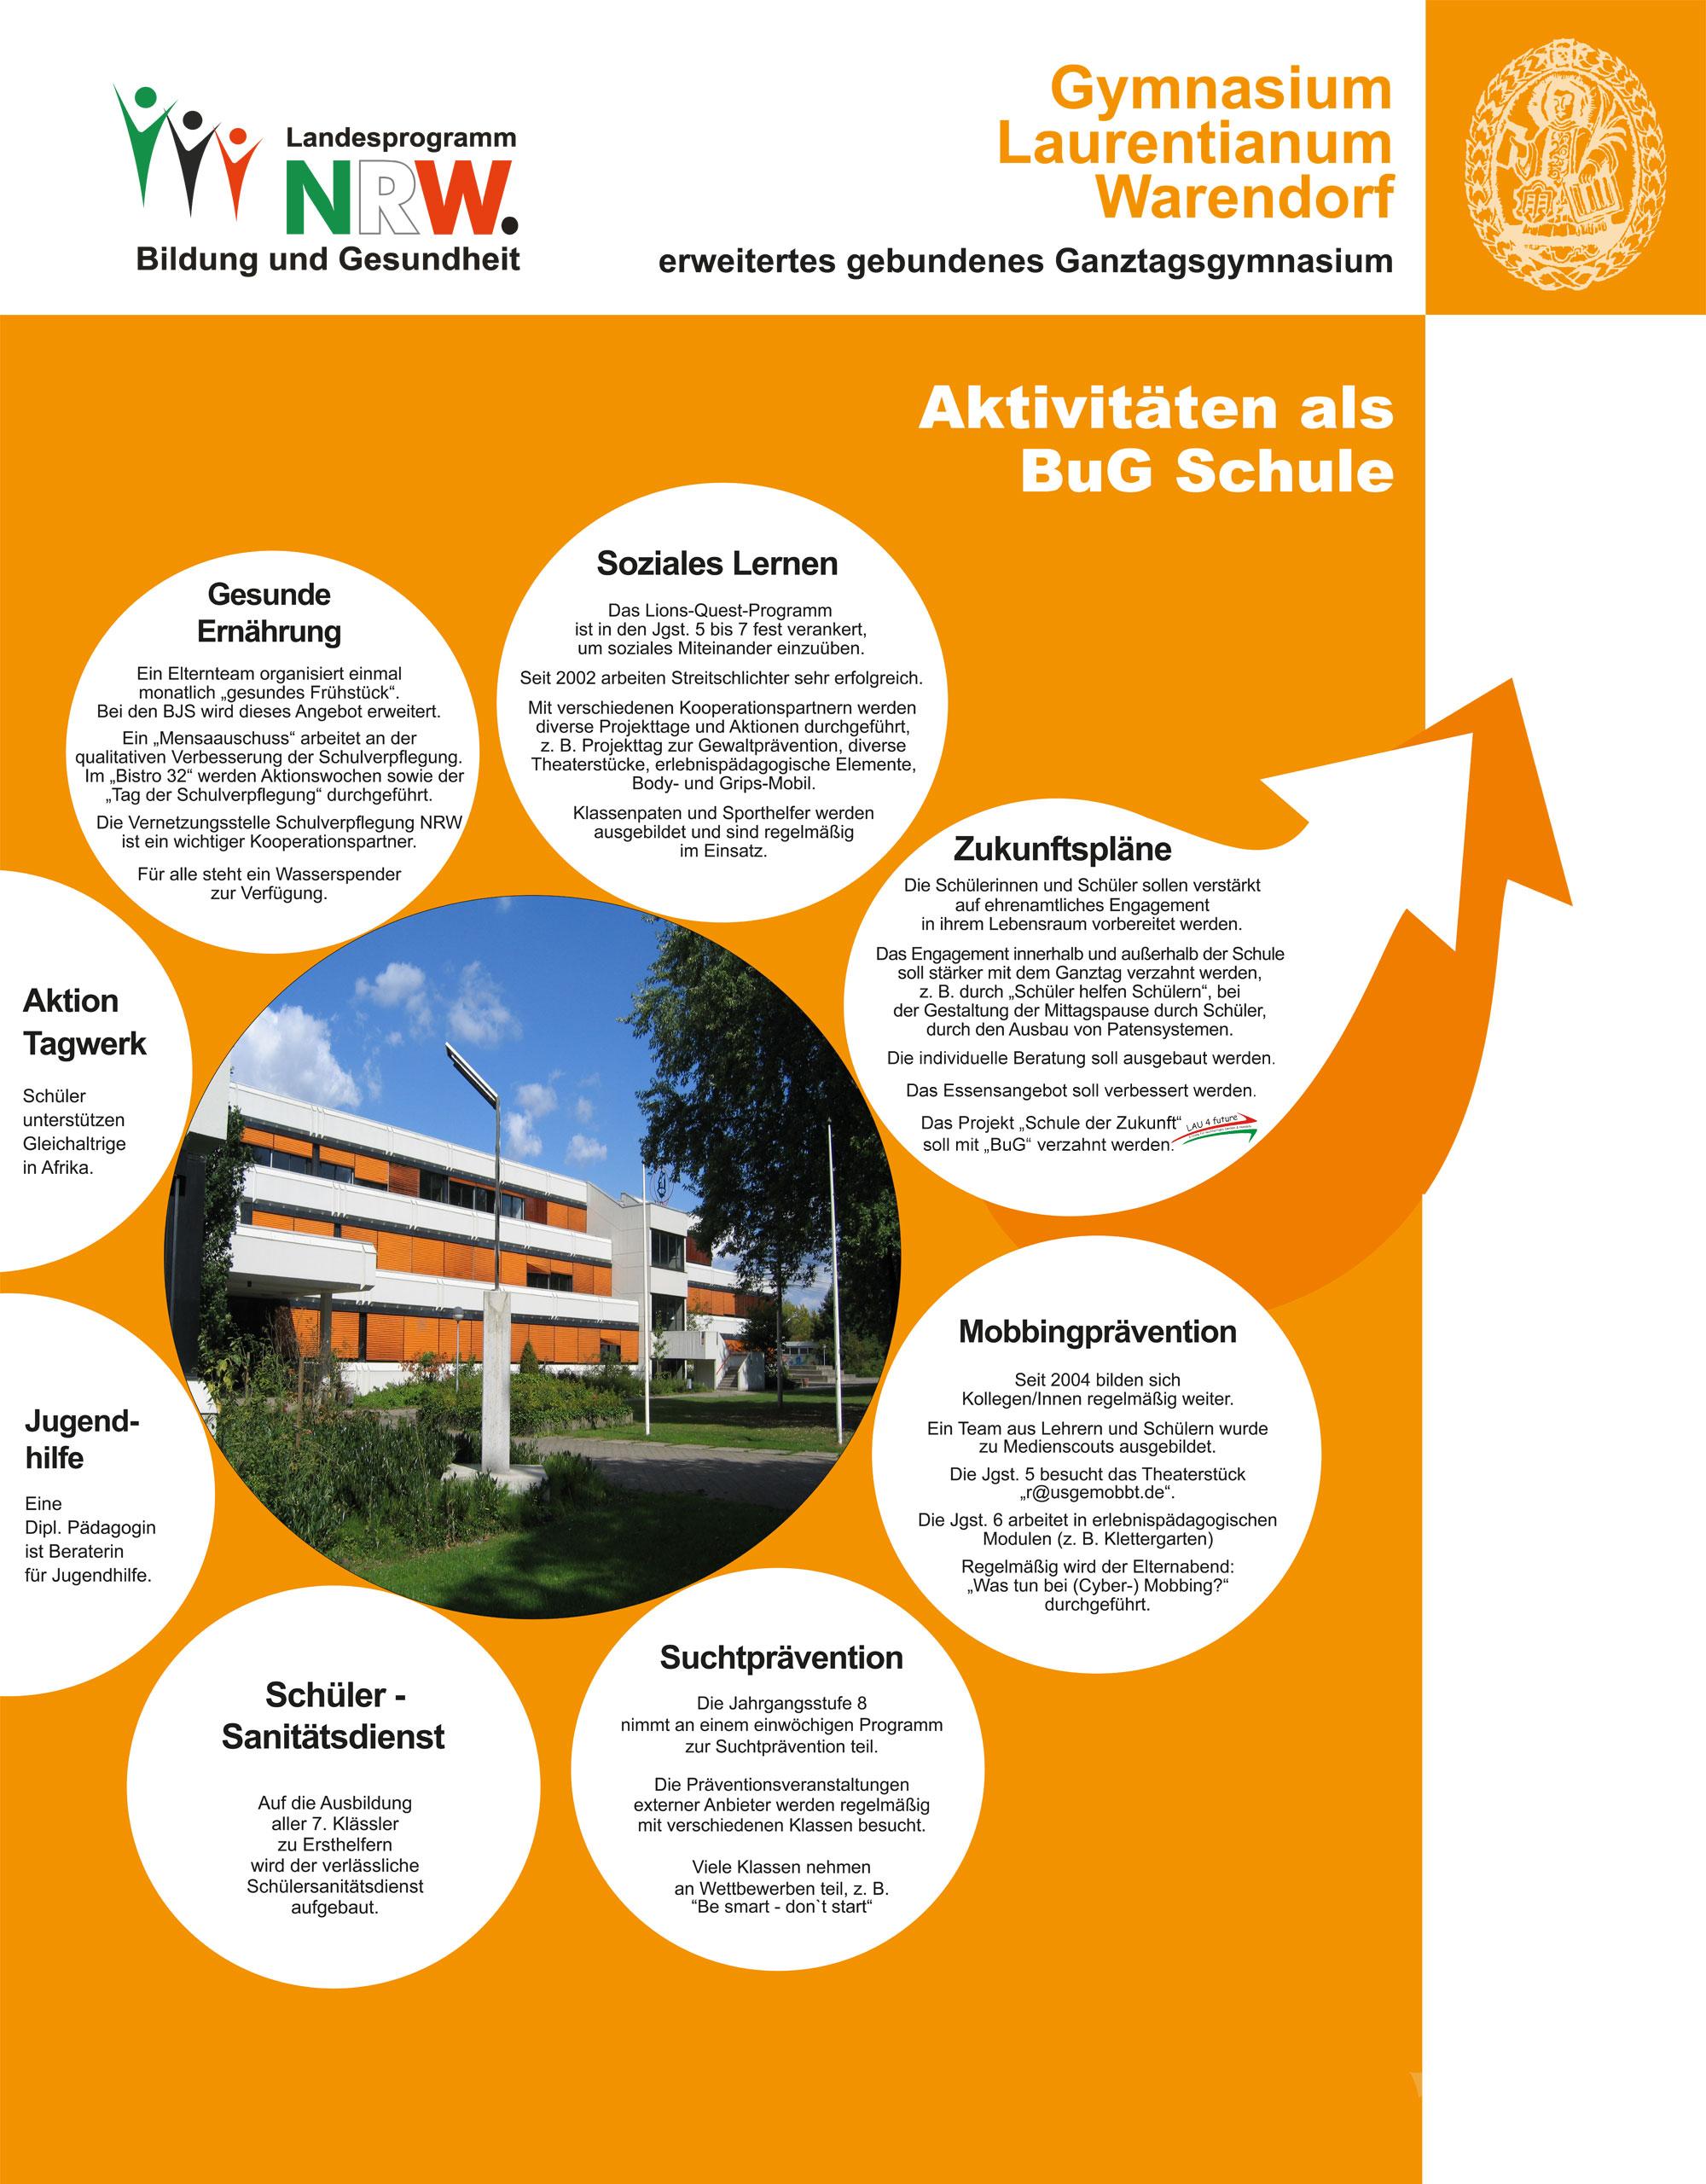 Poster Bildung und Gesundheit